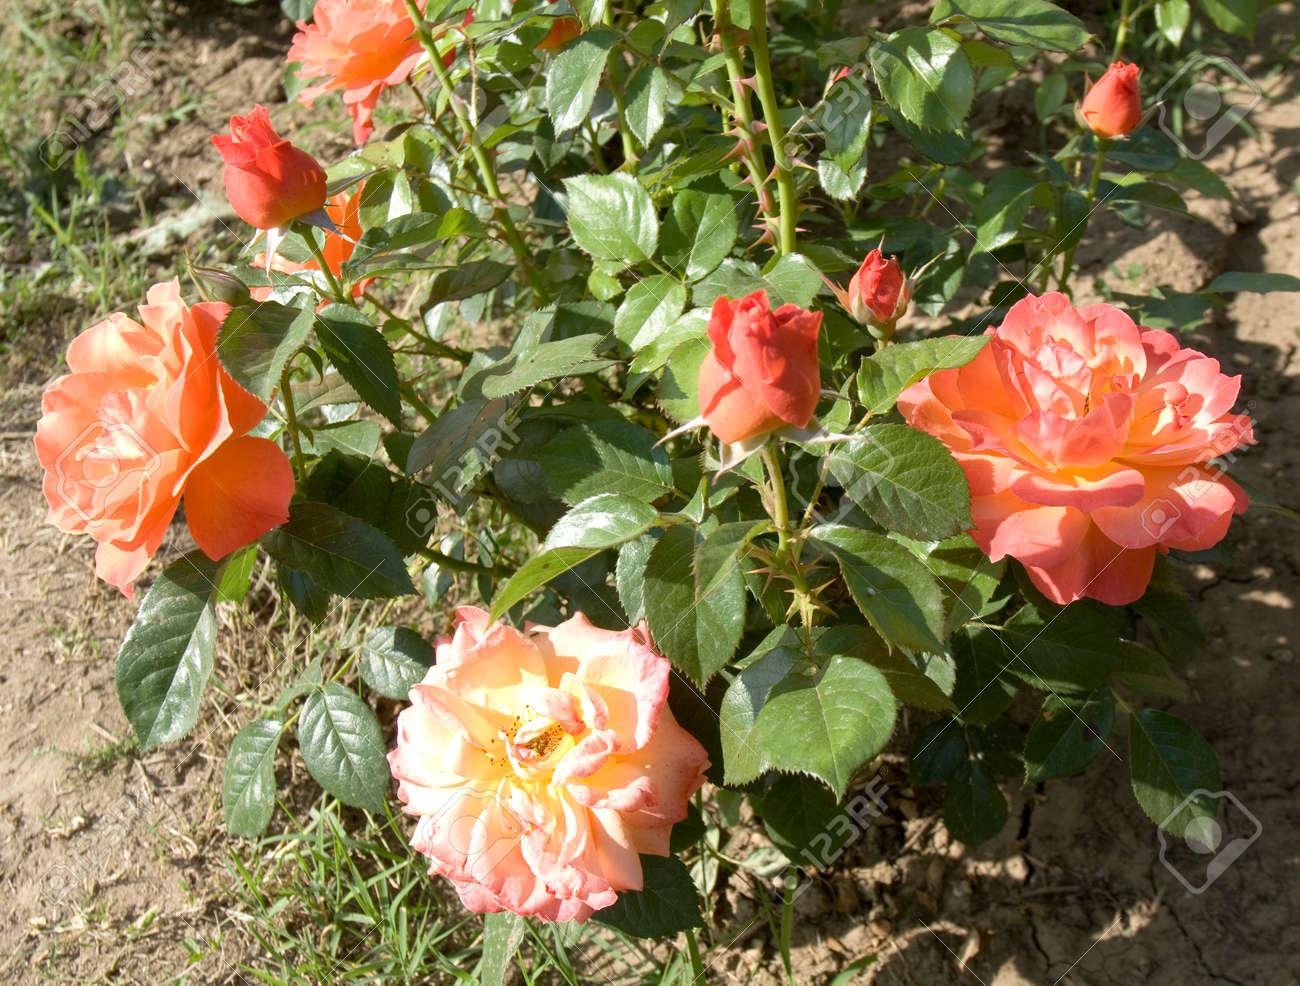 Arbusto Con Rosas De Color Rosa En El Jardín. Fotos, Retratos ...